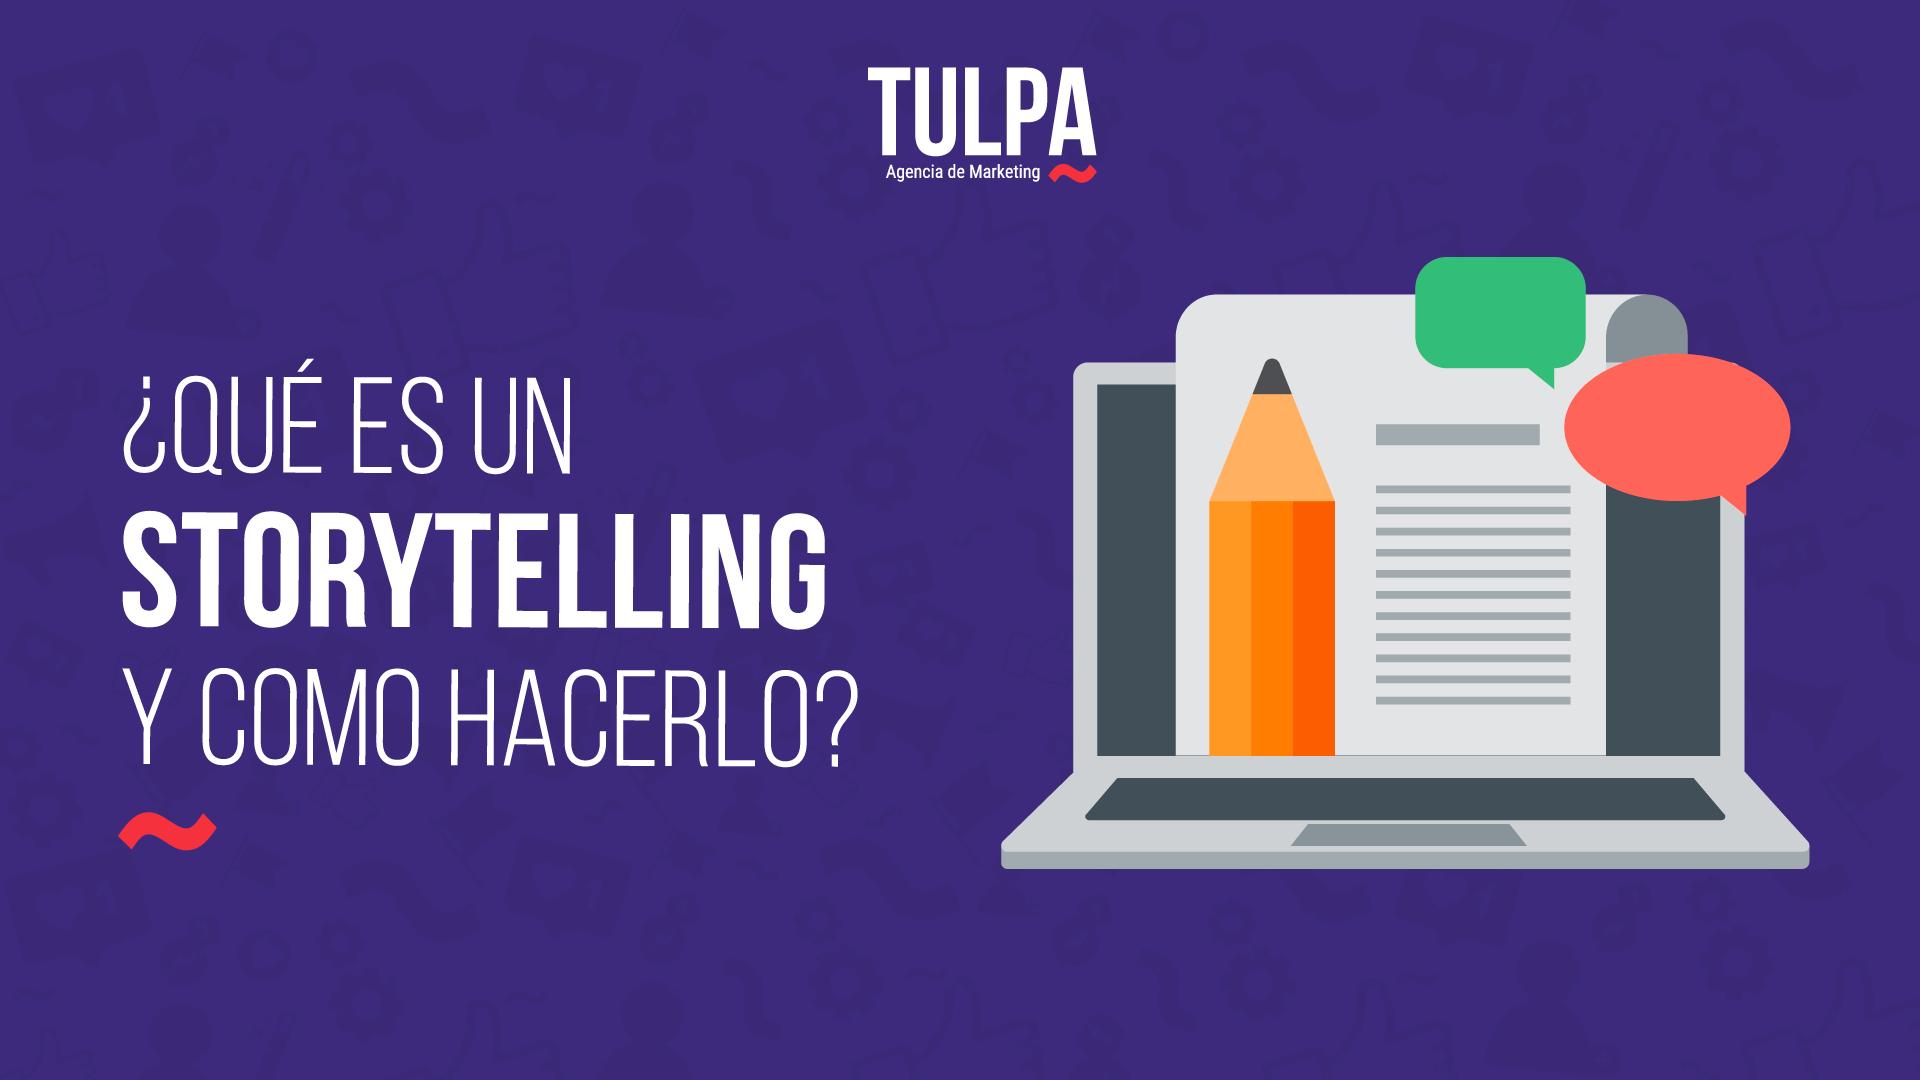 ¿Qué es un storytelling y cómo hacerlo?